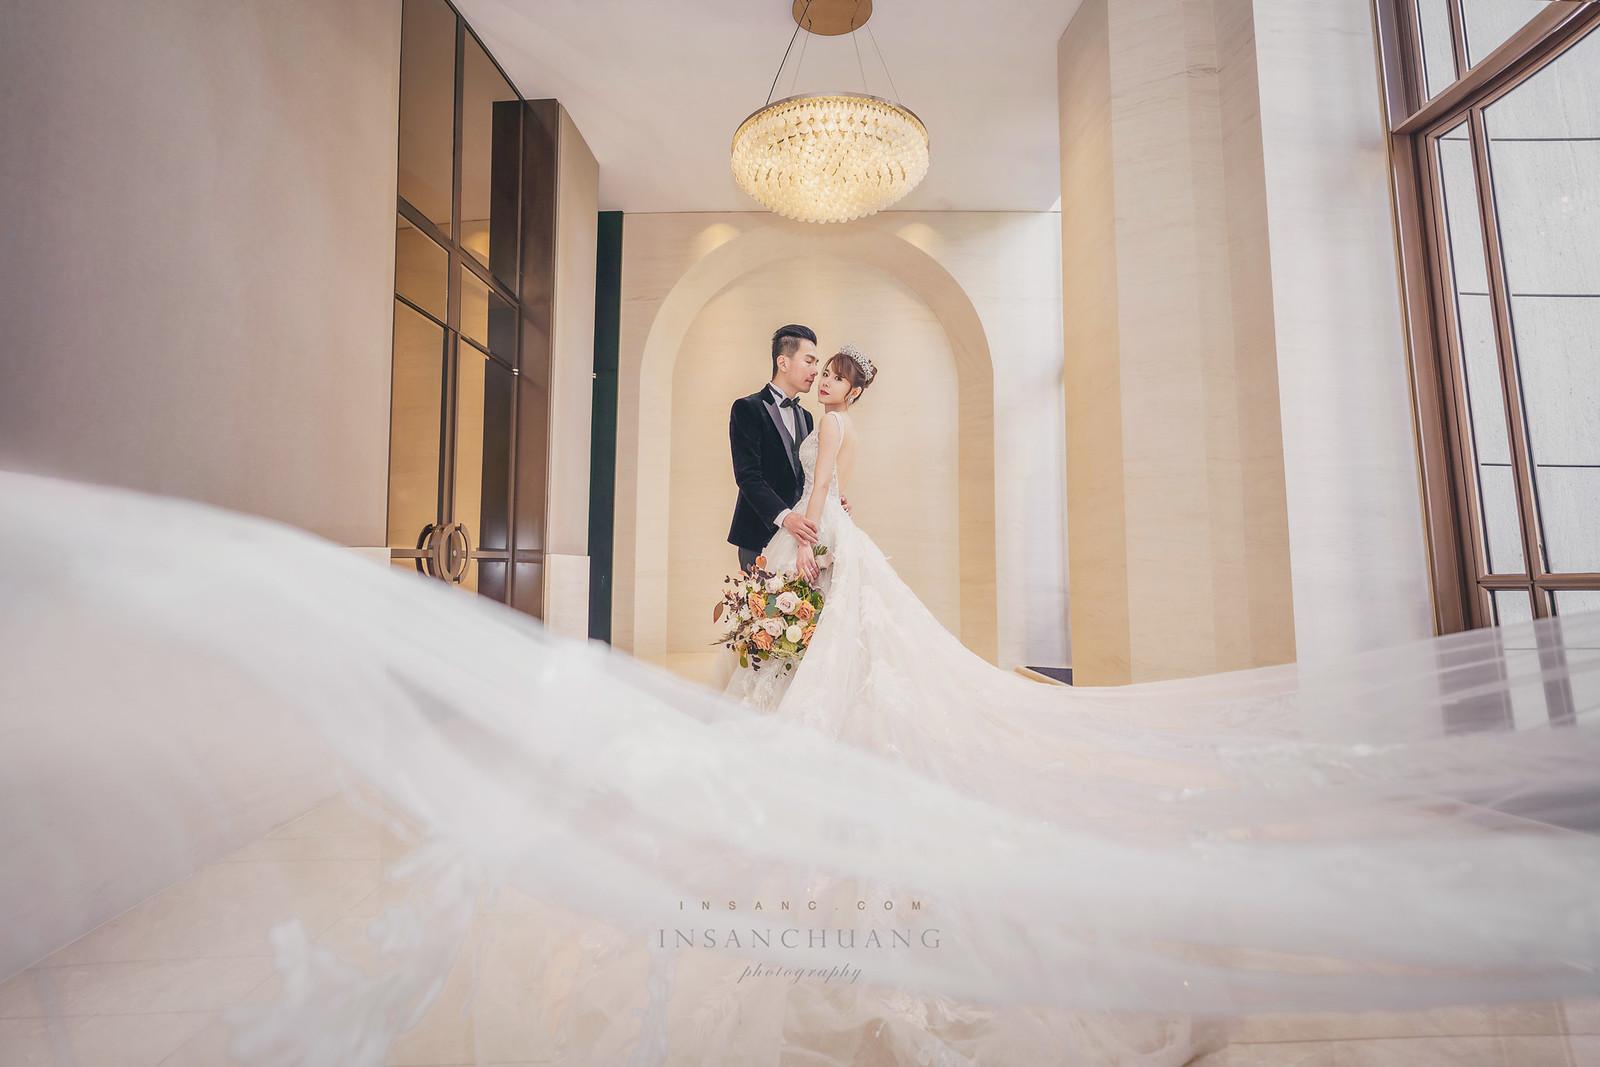 婚攝英聖台北婚攝萬豪酒店gardenvillawed210130P_138